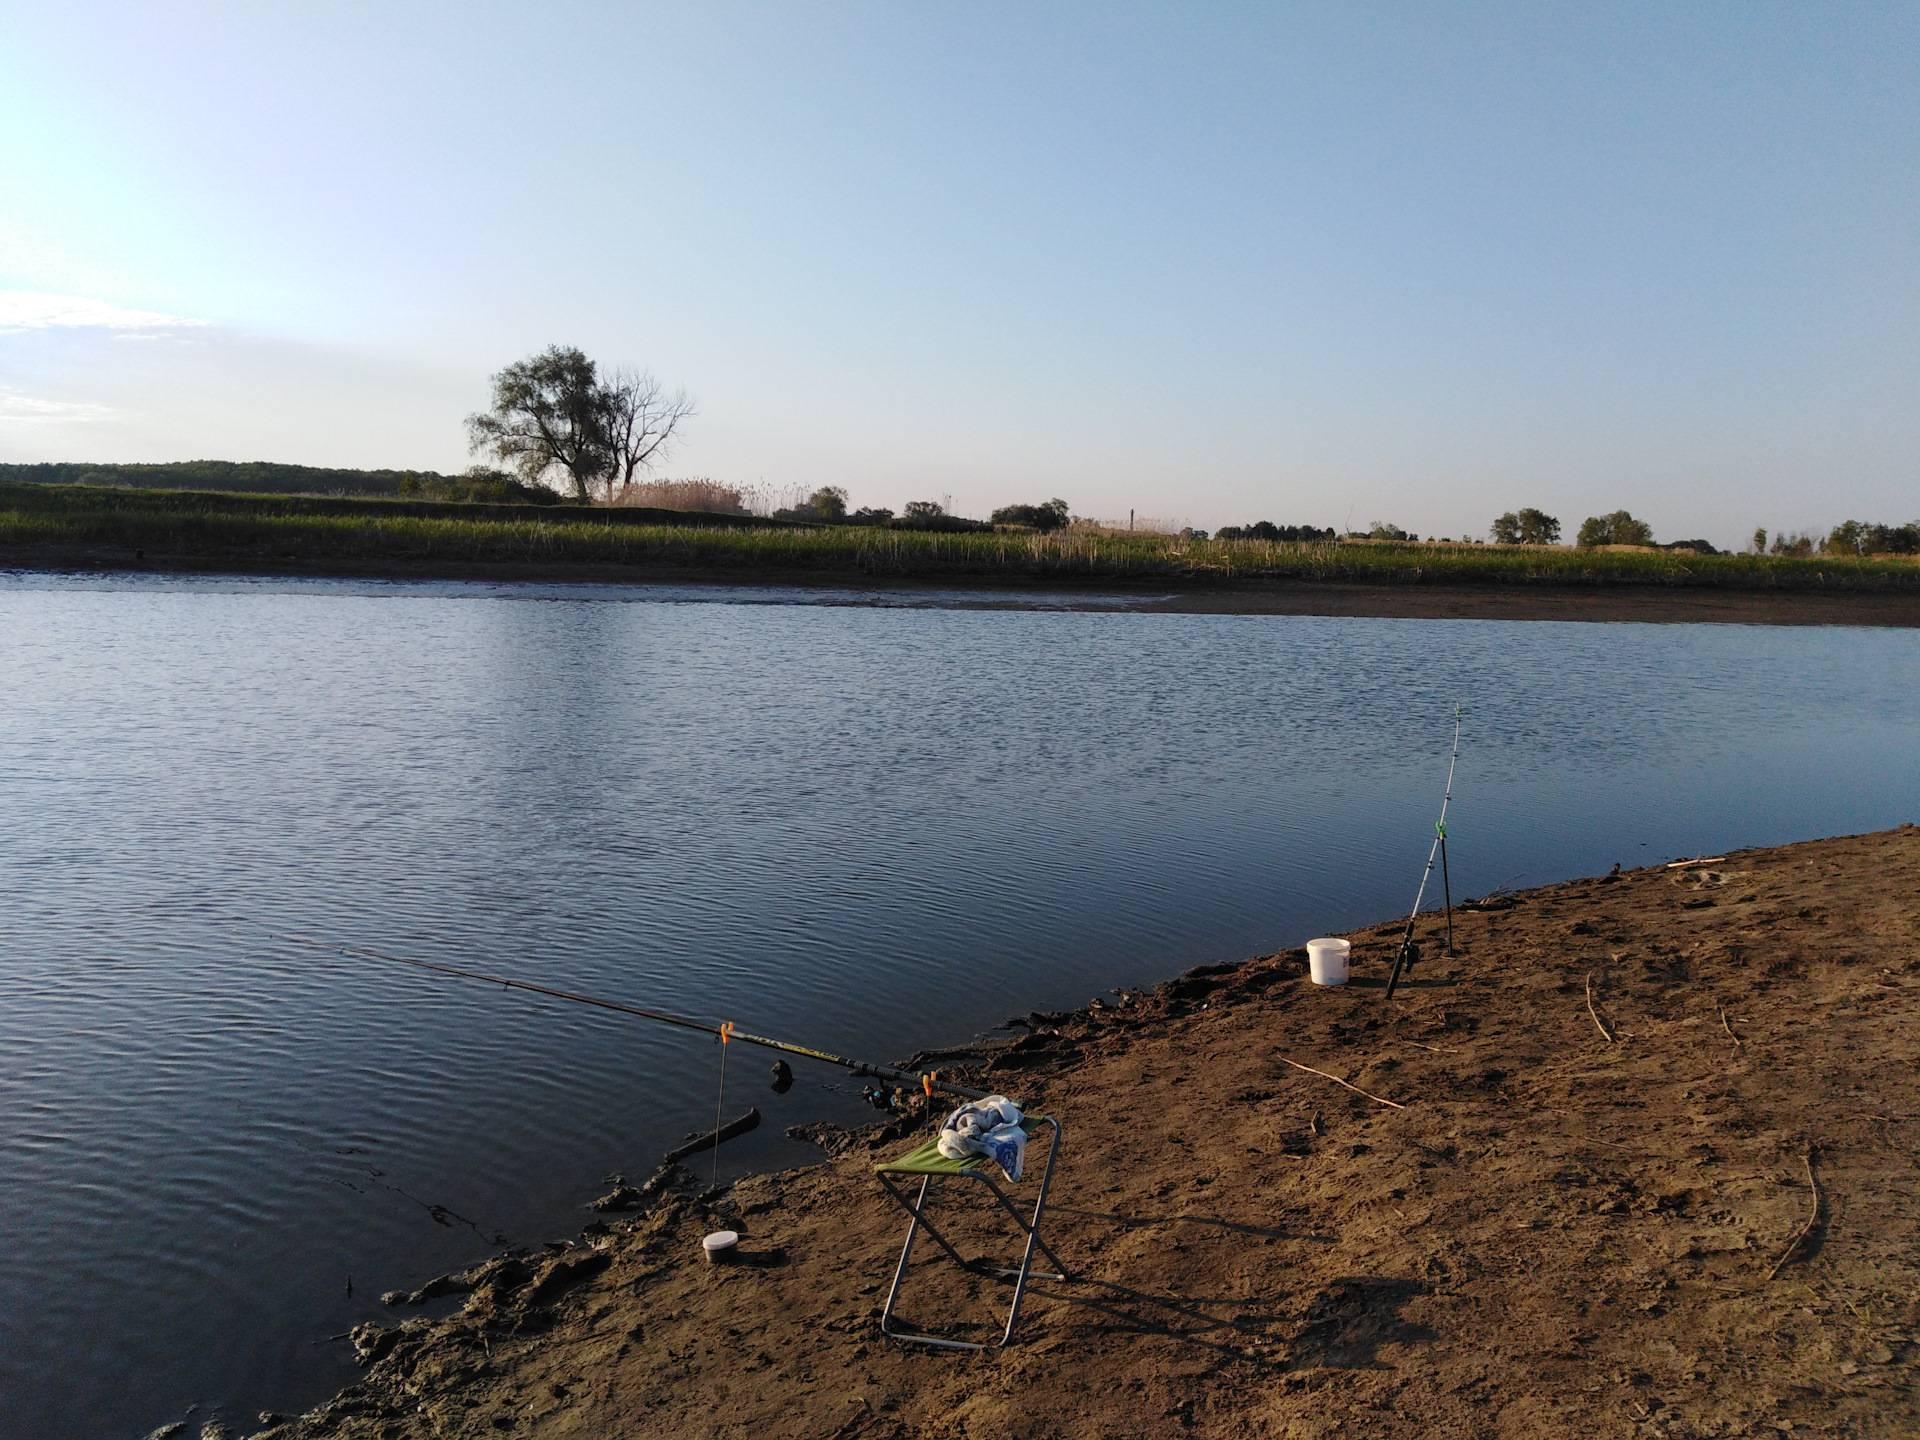 Триал русская рыбалка в чеховский район подмосковья